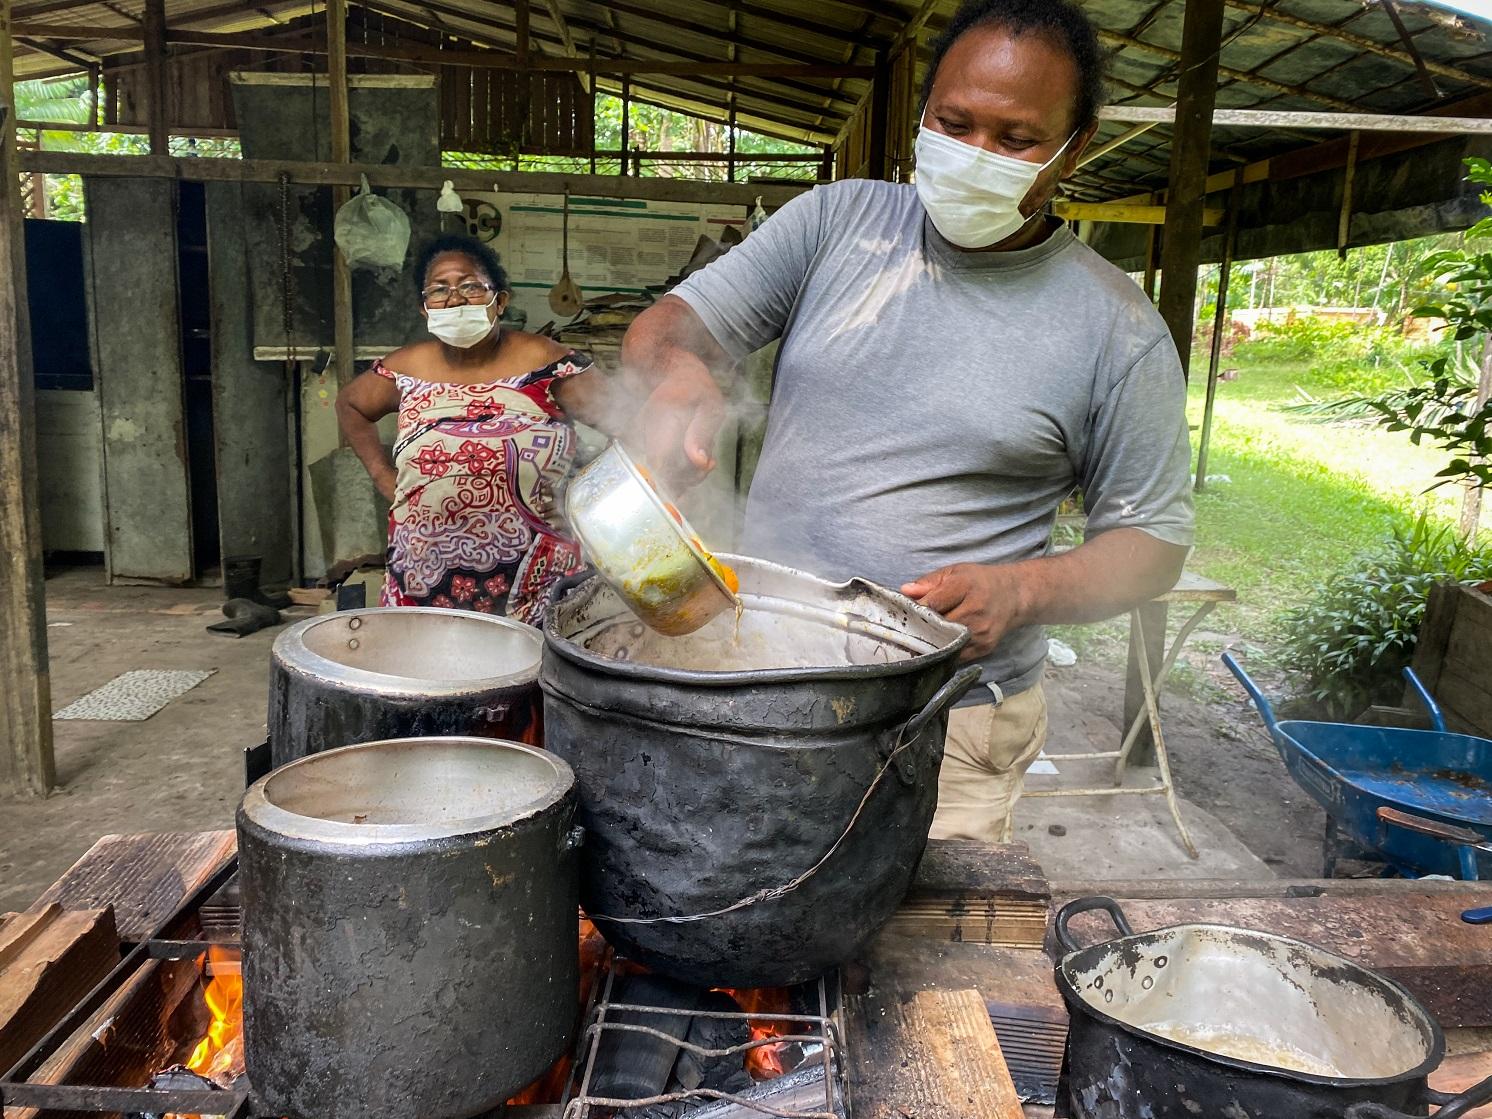 Raimundo Magno, com uma máscara médica, cozinhando pupunhas.